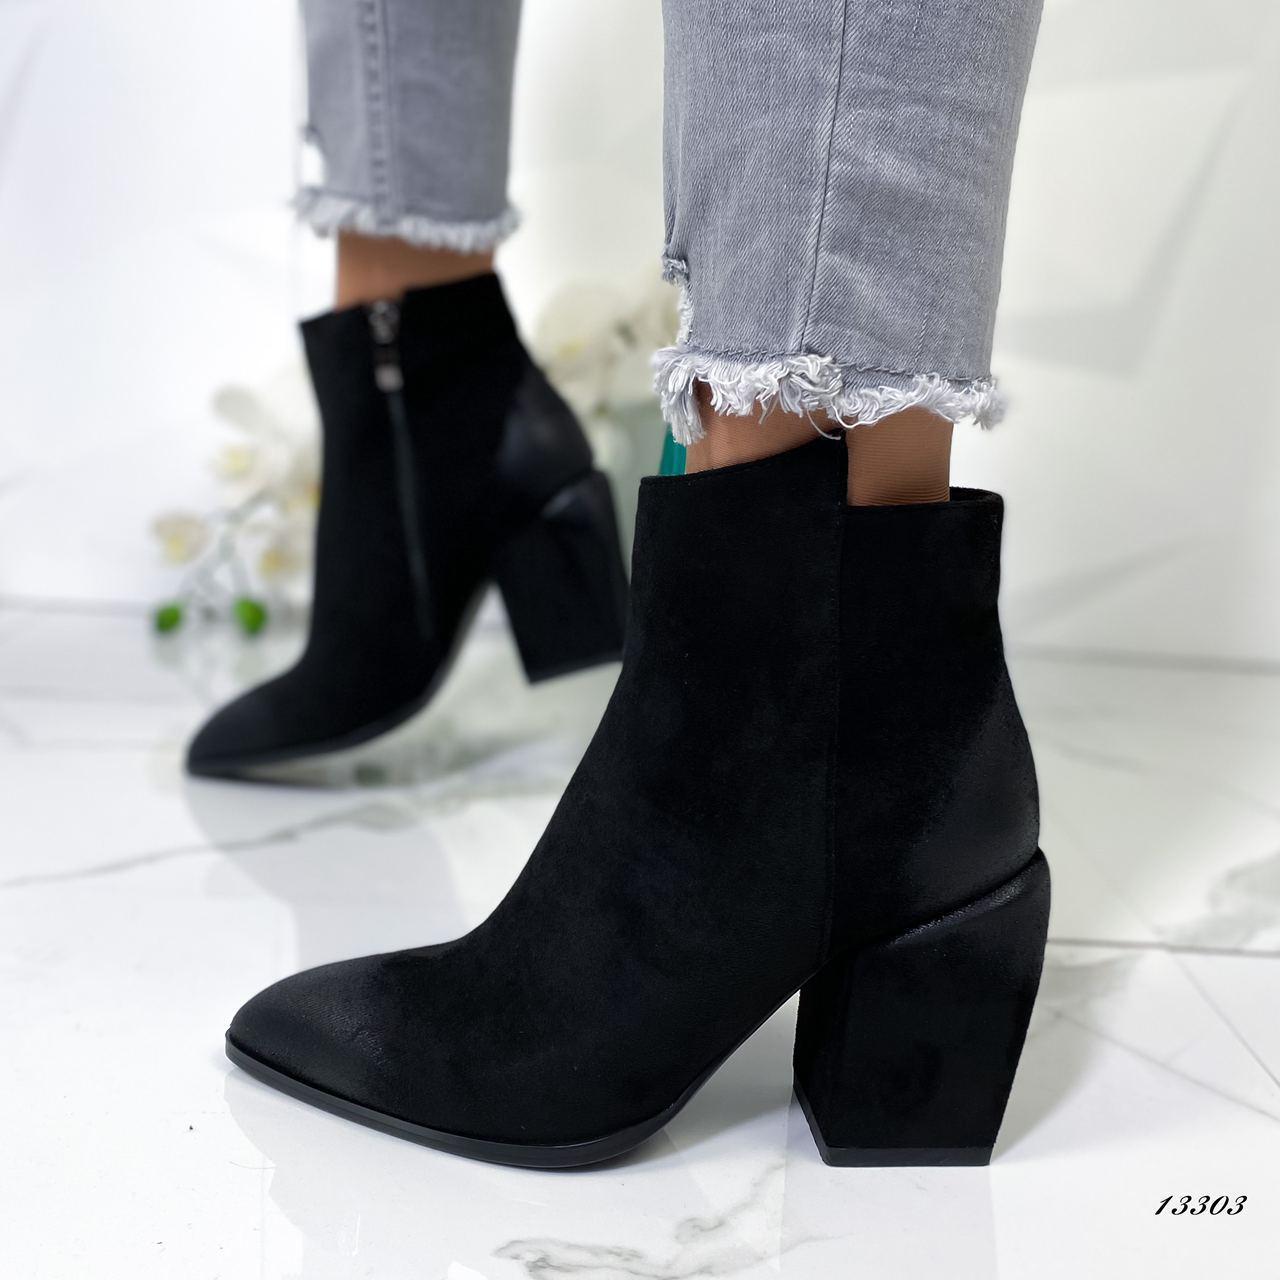 Женские ботильоны на каблуке замшевые чёрные